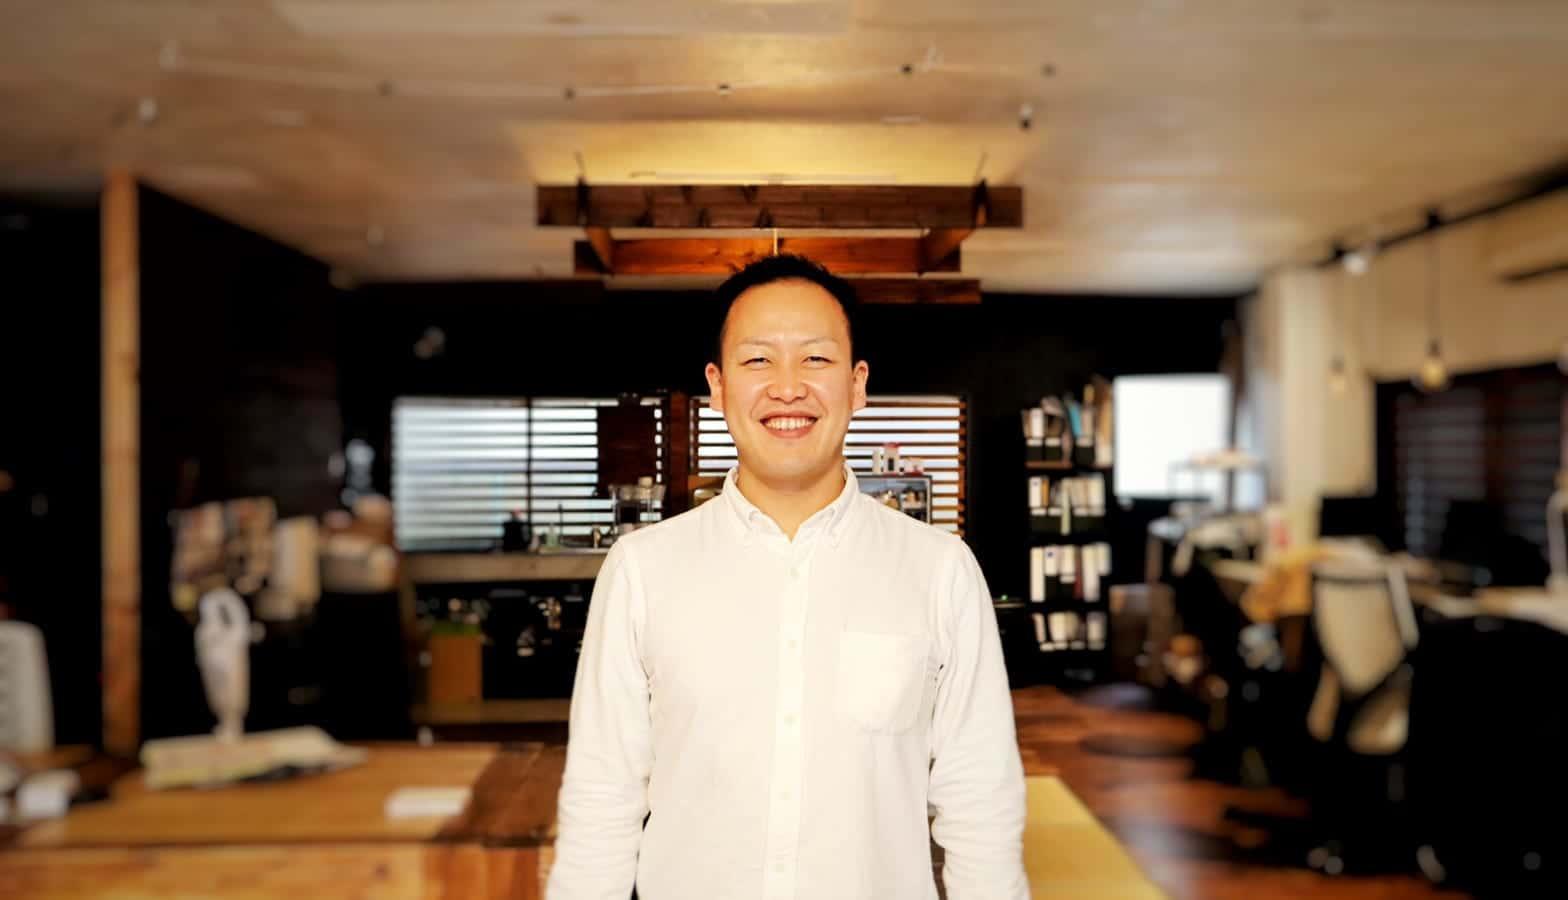 竹のお箸で、社員も地域も幸せにする、熊本の老舗企業「ヤマチク」